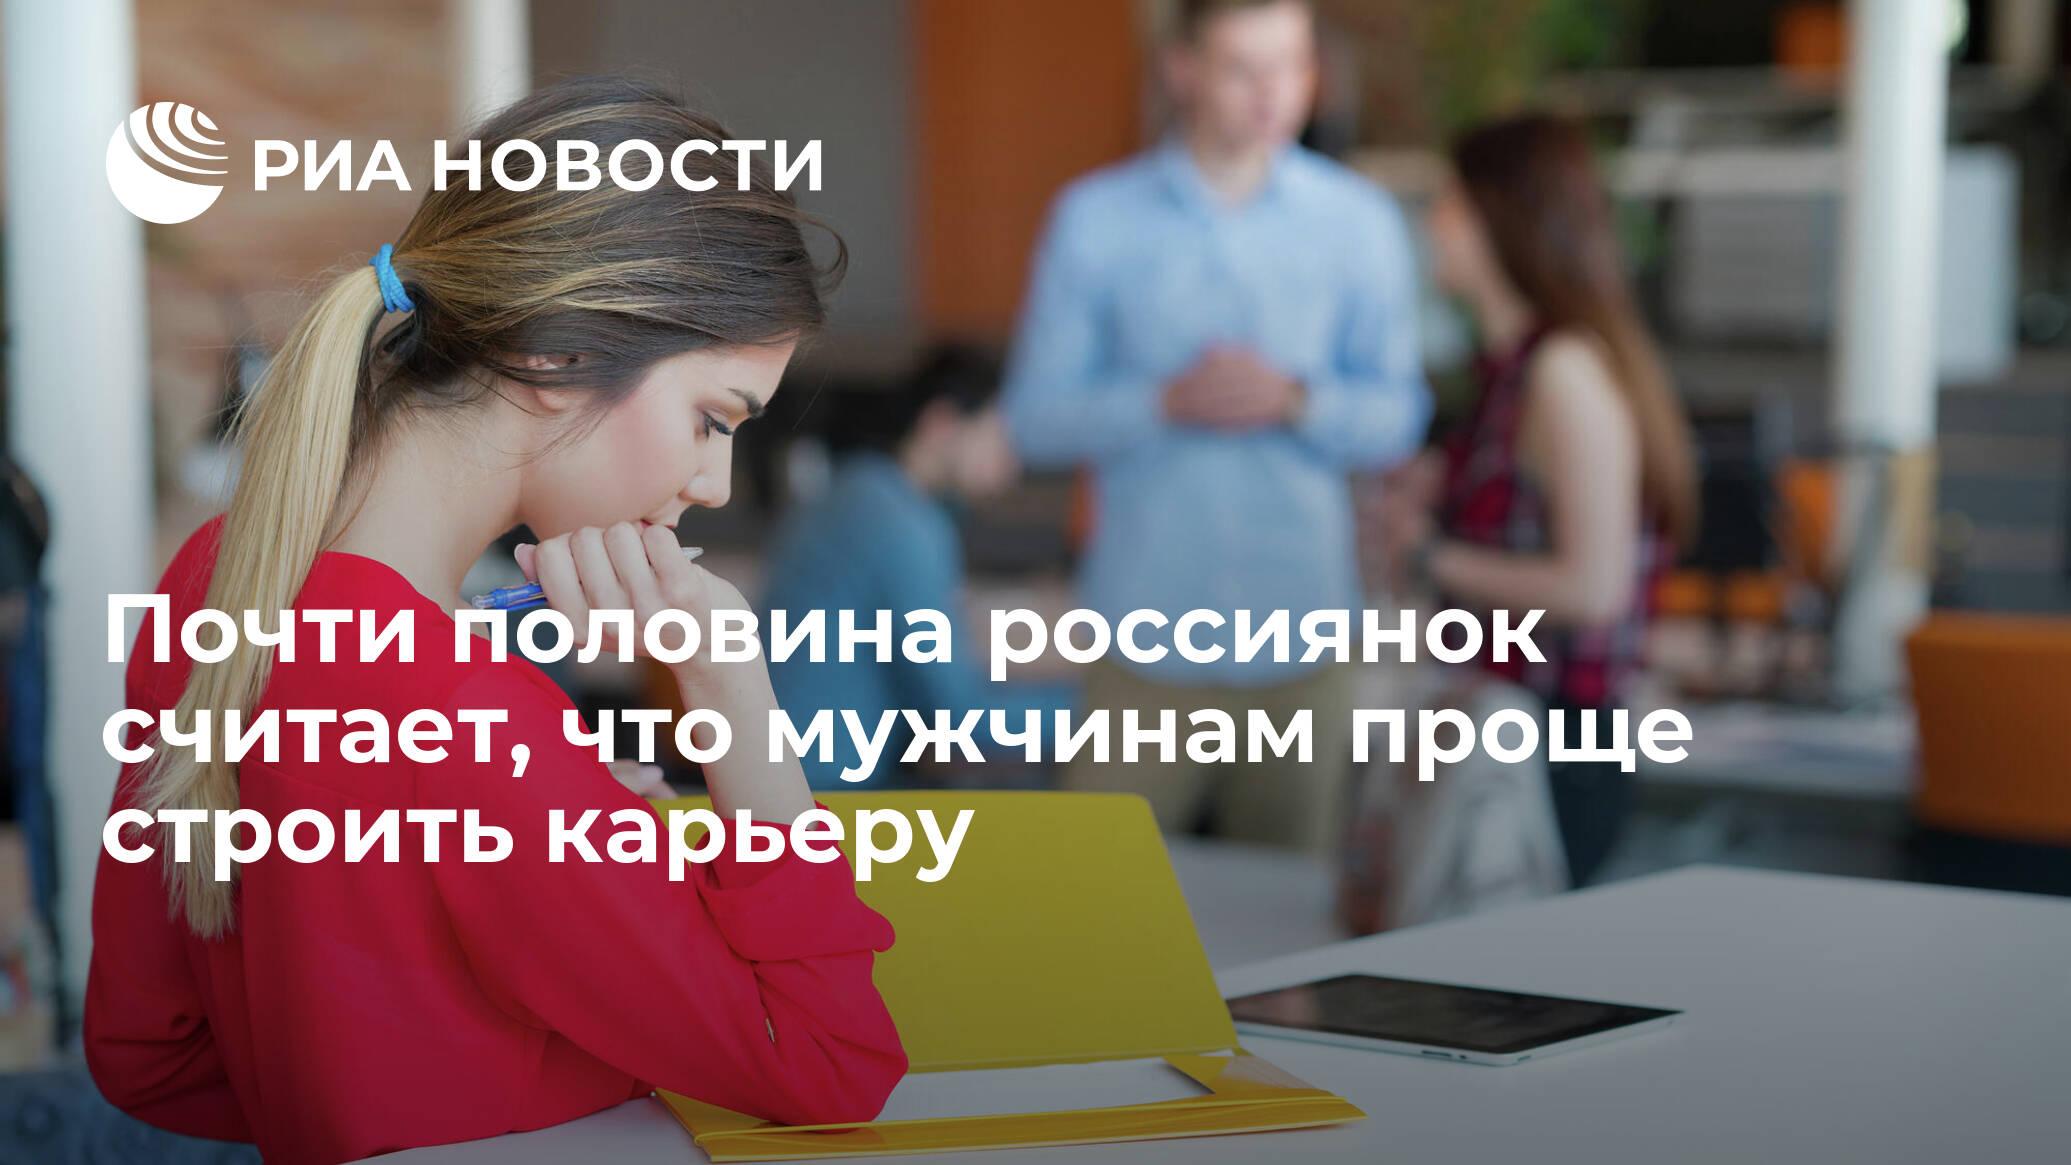 Почти половина россиянок считает, что мужчинам проще строить карьеру